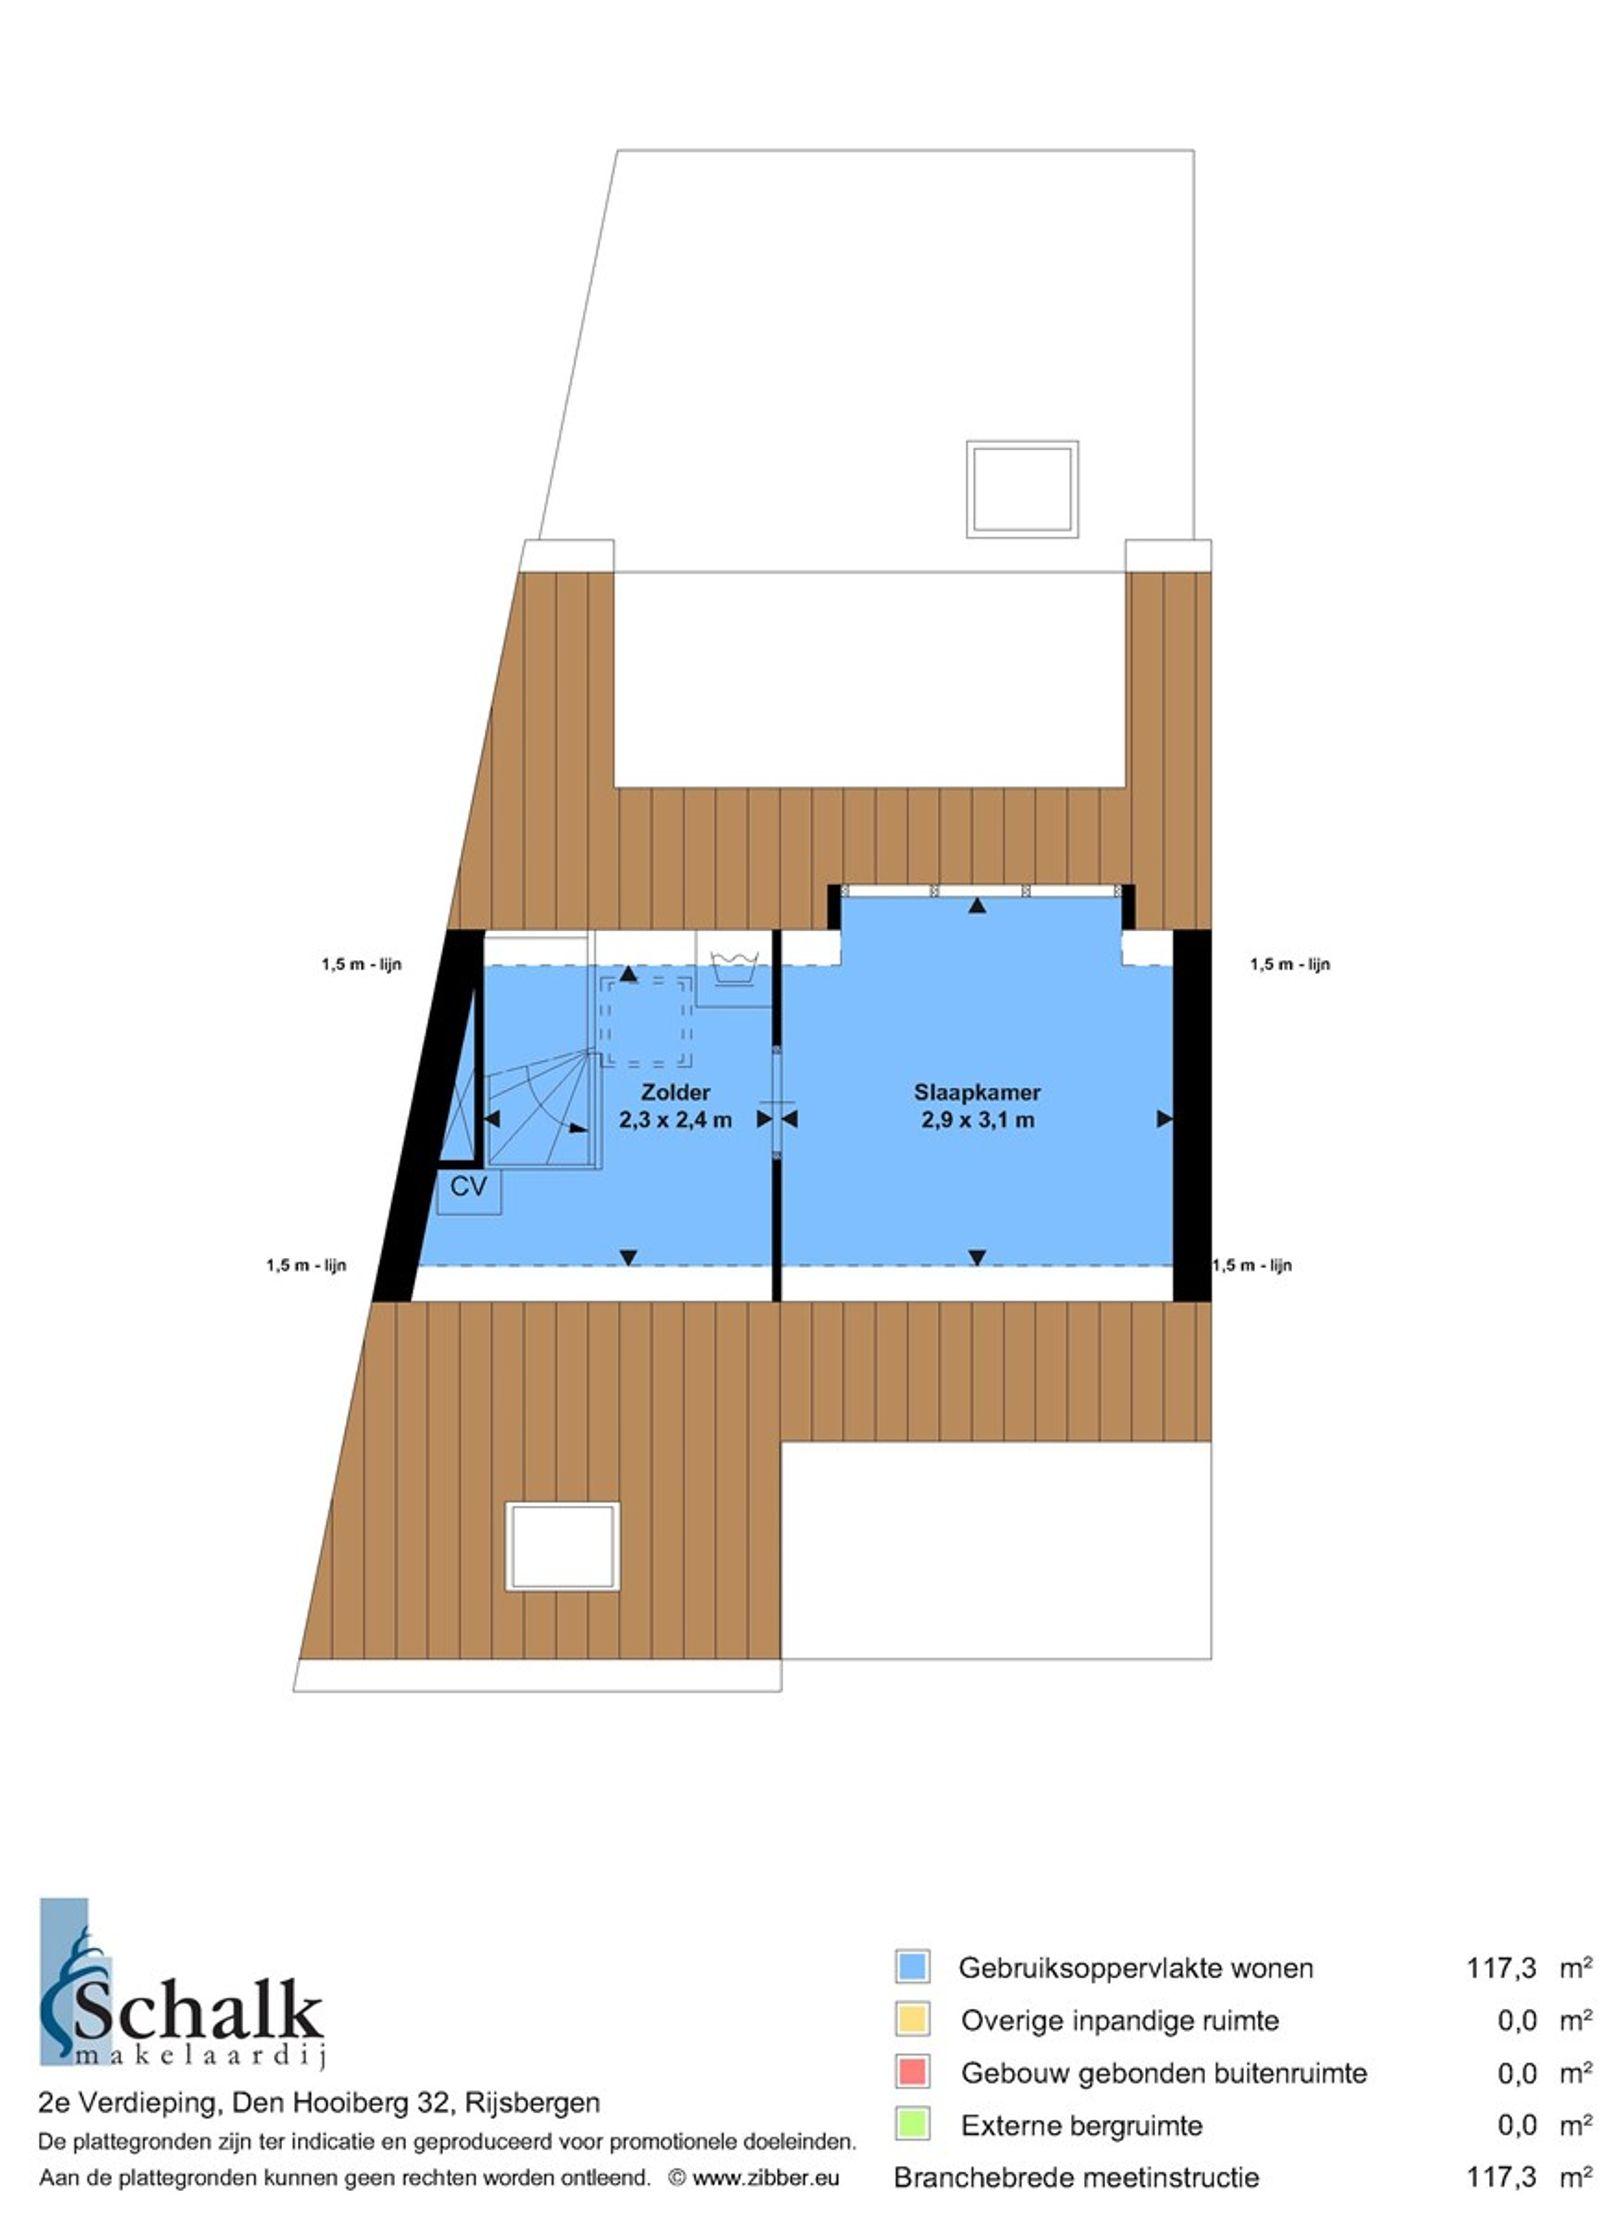 Deze instapklare middenwoning met (fietsen) berging is gelegen in een kindvriendelijke woonwijk op loopafstand van de dorpskern, de kinderboerderij, het zwembad en het sportcomplex. De woning is fraai afgewerkt waarbij de begane grond o.a. is voorzien van een ruime living, een nette woonkeuken, toiletruimte en een praktische bijkeuken. De eerste verdieping heeft drie slaapkamers en een luxe badkamer met douche en ligbad. Op de tweede verdieping bevindt zich de voorzolder en vierde slaapkamer.  De voor- en achtertuin zijn beide verzorgd aangelegd. De achtertuin is gelegen op het zuiden en beschikt over een vijver, terras en gezellige zithoek.  BEGANE GROND Entree/hal met toegang tot de living.  Afwerking- tegelvloer met vloerverwarming, stucwerk wanden en een stucwerk plafond. Meterkast- 8 groepen, 4 aardlekschakelaars en 2 krachtstroomgroepen.  Toiletruimte met fonteintje. Afwerking- tegelvloer, wandtegels en een gipsplaten plafond.  Ruime living met een vaste kast en toegang tot de eetkamer, keuken en vaste trap naar de eerste verdieping. Afwerking- tegelvloer, stucwerk wanden en stucwerk plafond.  Moderne woonkeuken uitgerust met een houten werkblad, spoelbak, vaatwasser, 4-pits gaskookplaat,  afzuigkap, elektrische oven, koelkast en kastruimte. Vanuit de keuken zijn de praktische bijkeuken,  eetkamer en tuinkamer bereikbaar. Afwerking- tegelvloer met vloerverwarming, wandtegels en stucwerk plafond.  Praktische bijkeuken uitgerust met een stortbak. Afwerking- tegelvloer, wandtegels met daarboven Spachtelputz en een stucwerk plafond met lichtkoepel.  EERSTE VERDIEPING Overloop met toegang tot drie slaapkamers, de badkamer en vaste trap naar de tweede verdieping. Afwerking- laminaatvloer, Spachtelputz wanden en een MDF plafond met ingebouwde spots.  Slaapkamer 1- Een ruime slaapkamer aan de linker voorzijde van de woning. Afwerking- laminaatvloer, spachtelputz wanden en een MDF plafond met ingebouwde spots.  Slaapkamer 2- Een ruime slaapkamer aan de rechter voorzijd